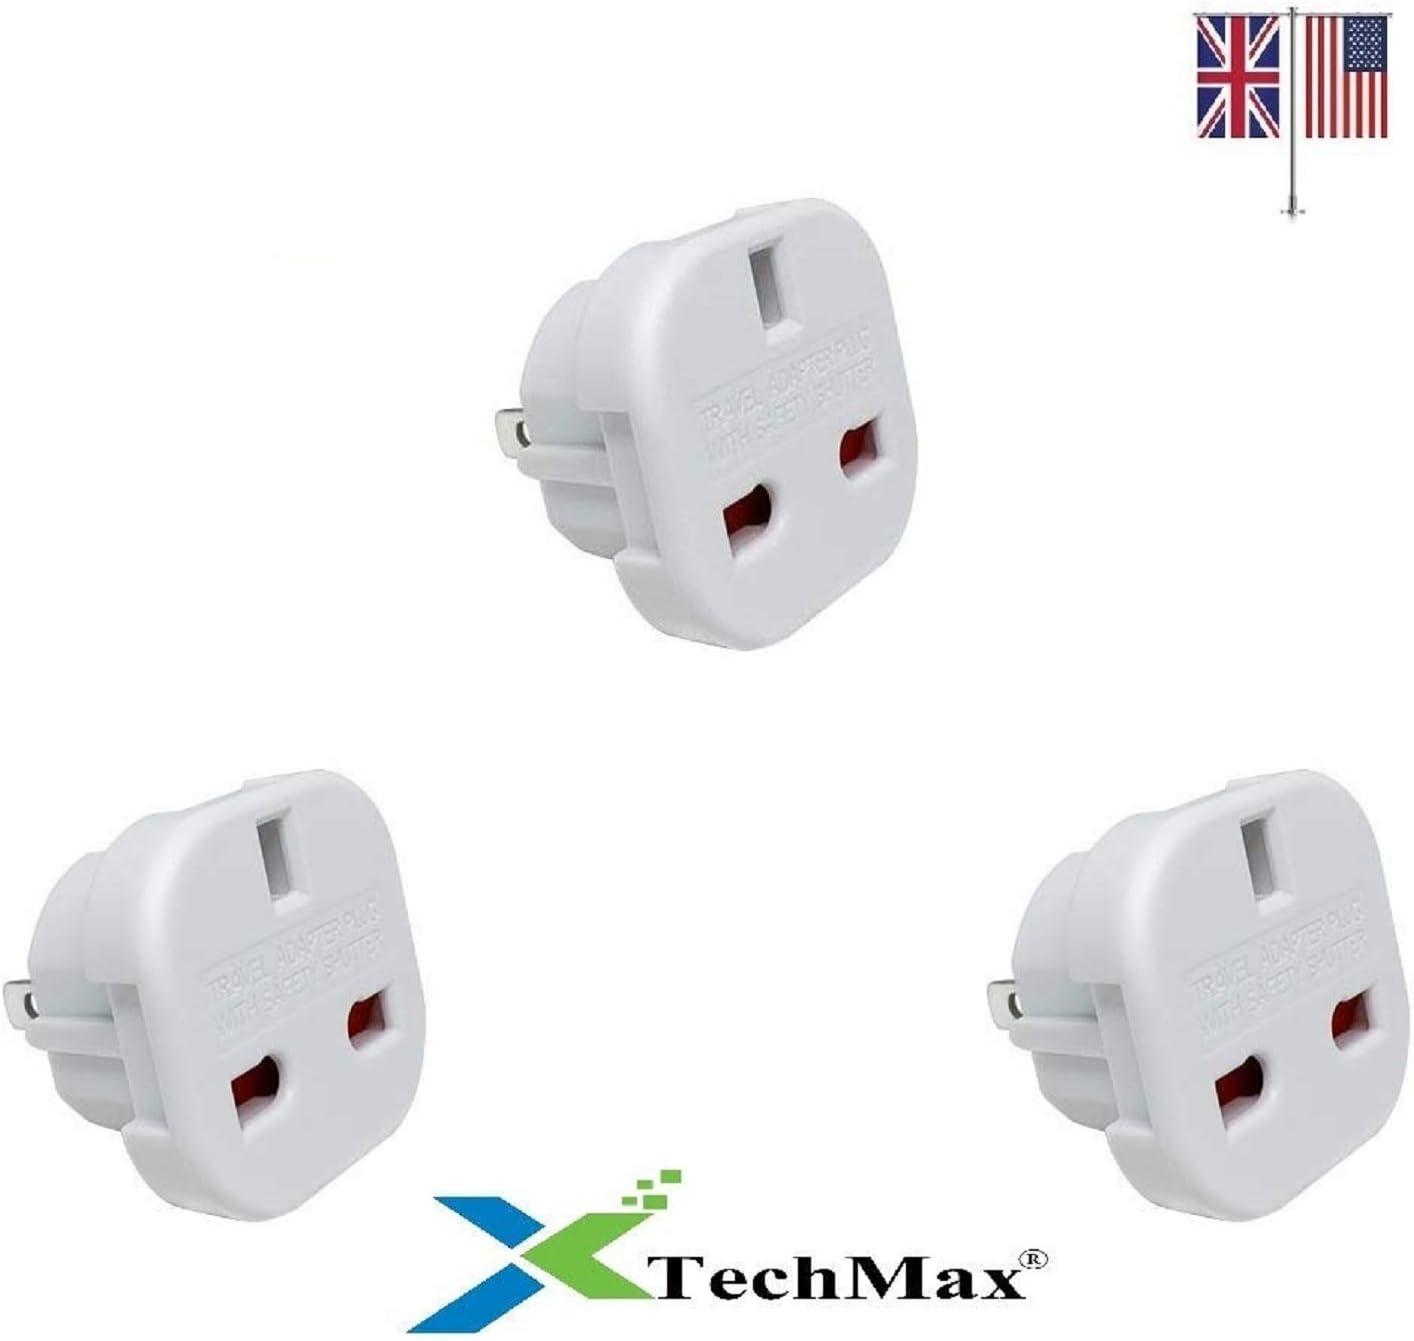 TechMax® Adaptador de Enchufe de Viaje de Reino Unido a Estados Unidos de 2 Pines (Plano) para EE. UU, Canadá, Australia, México, Nueva Zelanda, Tailandia, Brasil y más países (Ver imágenes): Amazon.es: